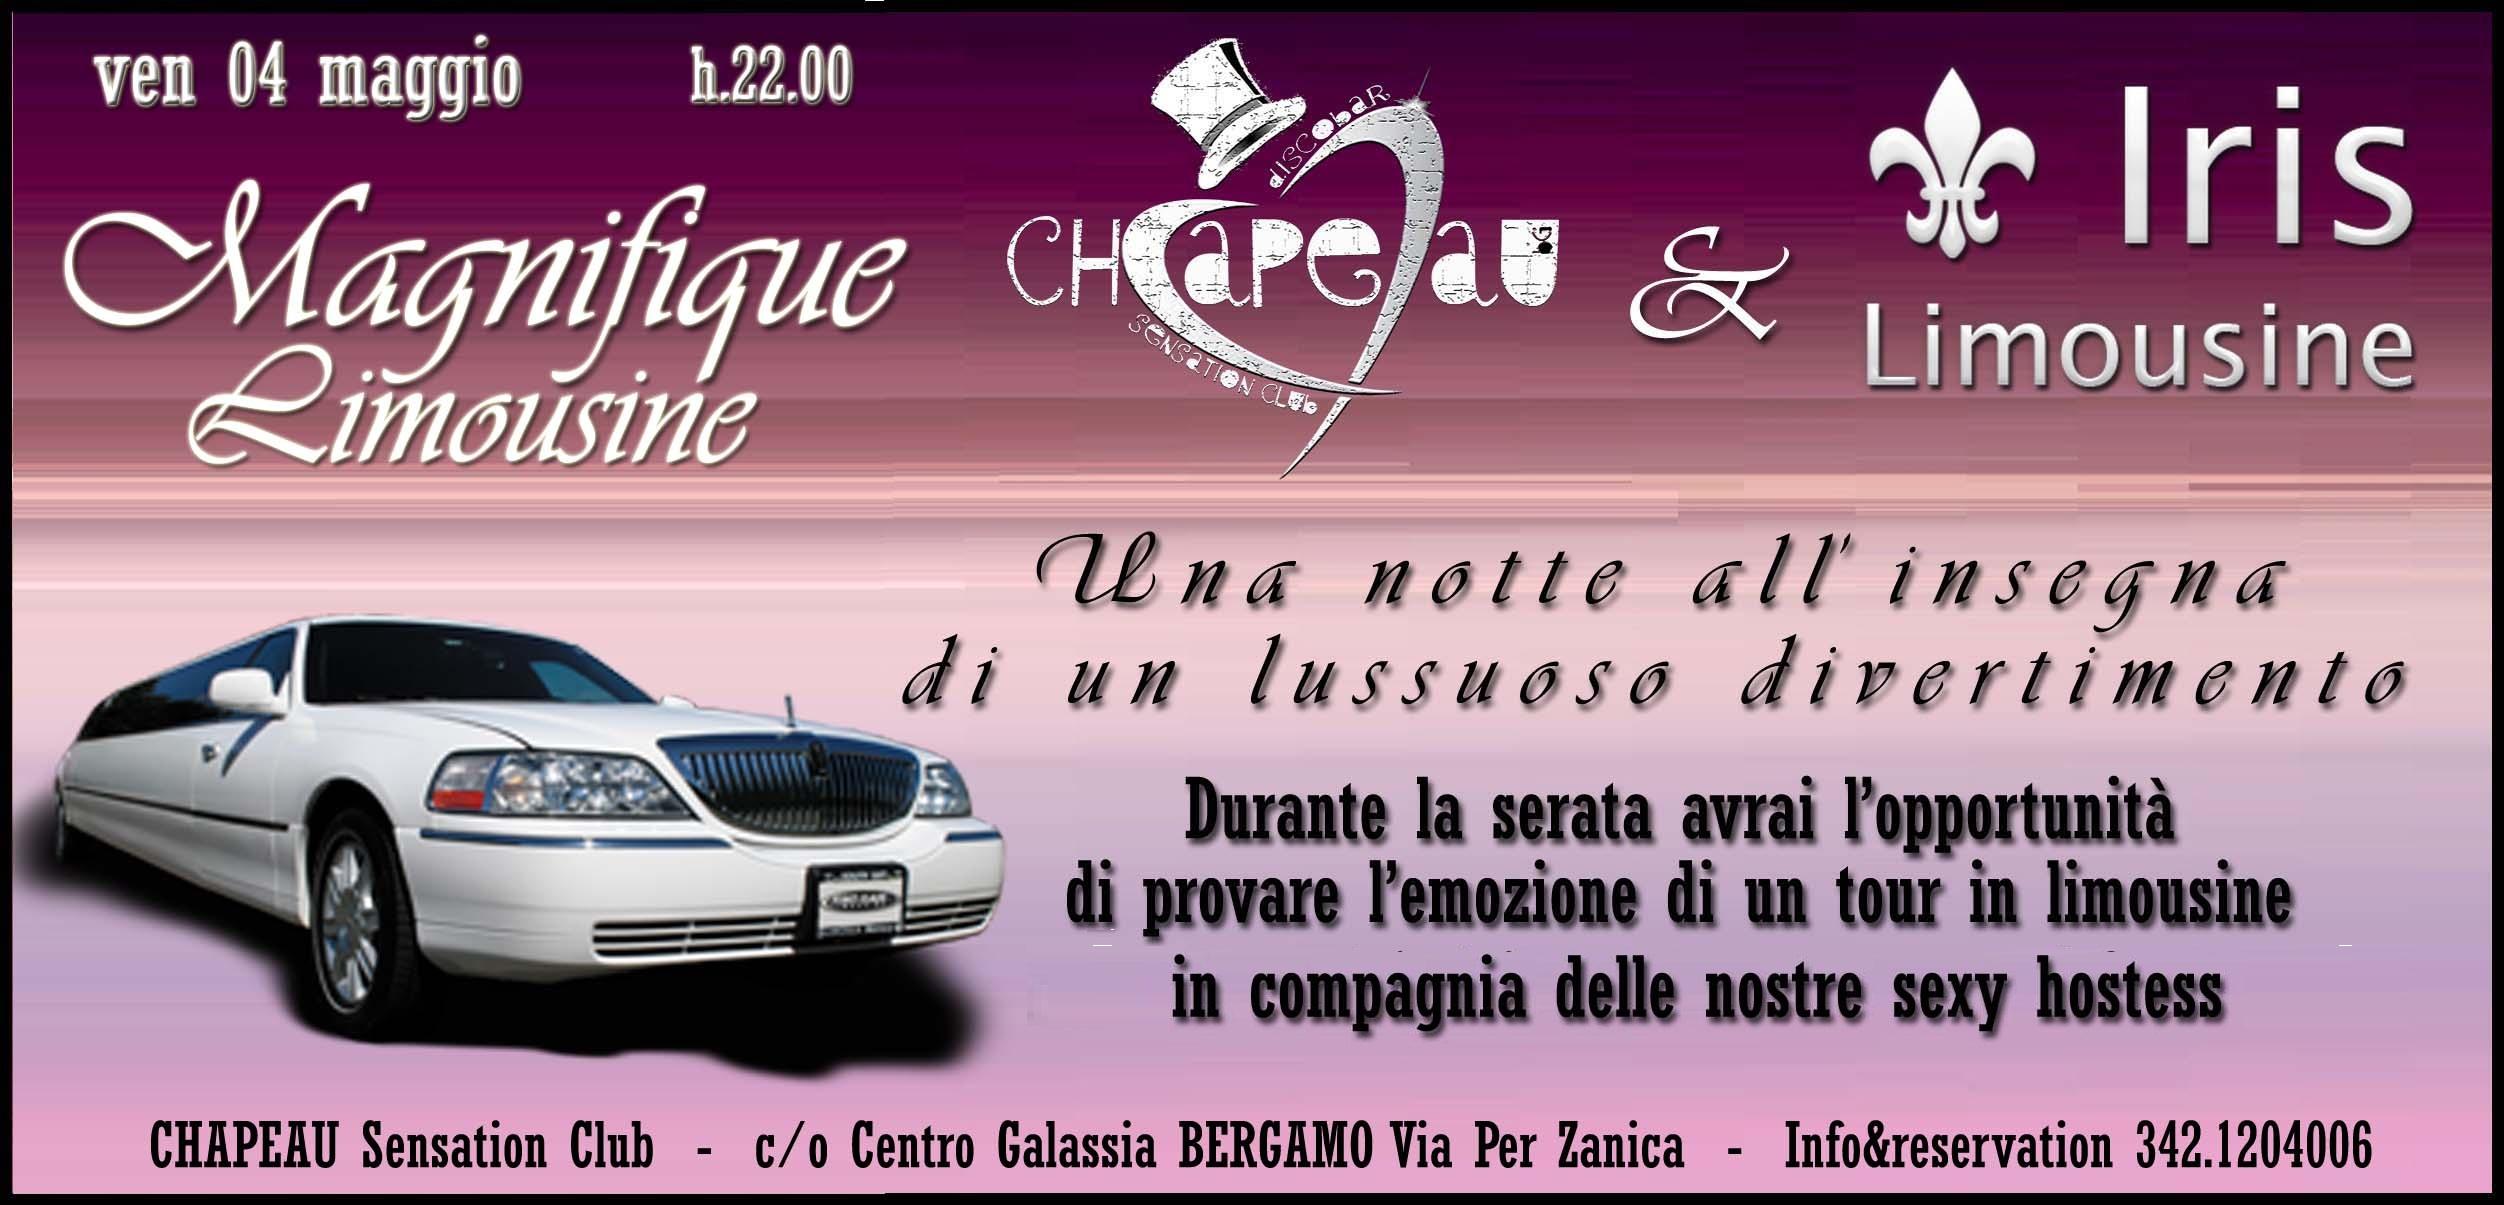 Venerdi 04 maggio Magnifique Limousine